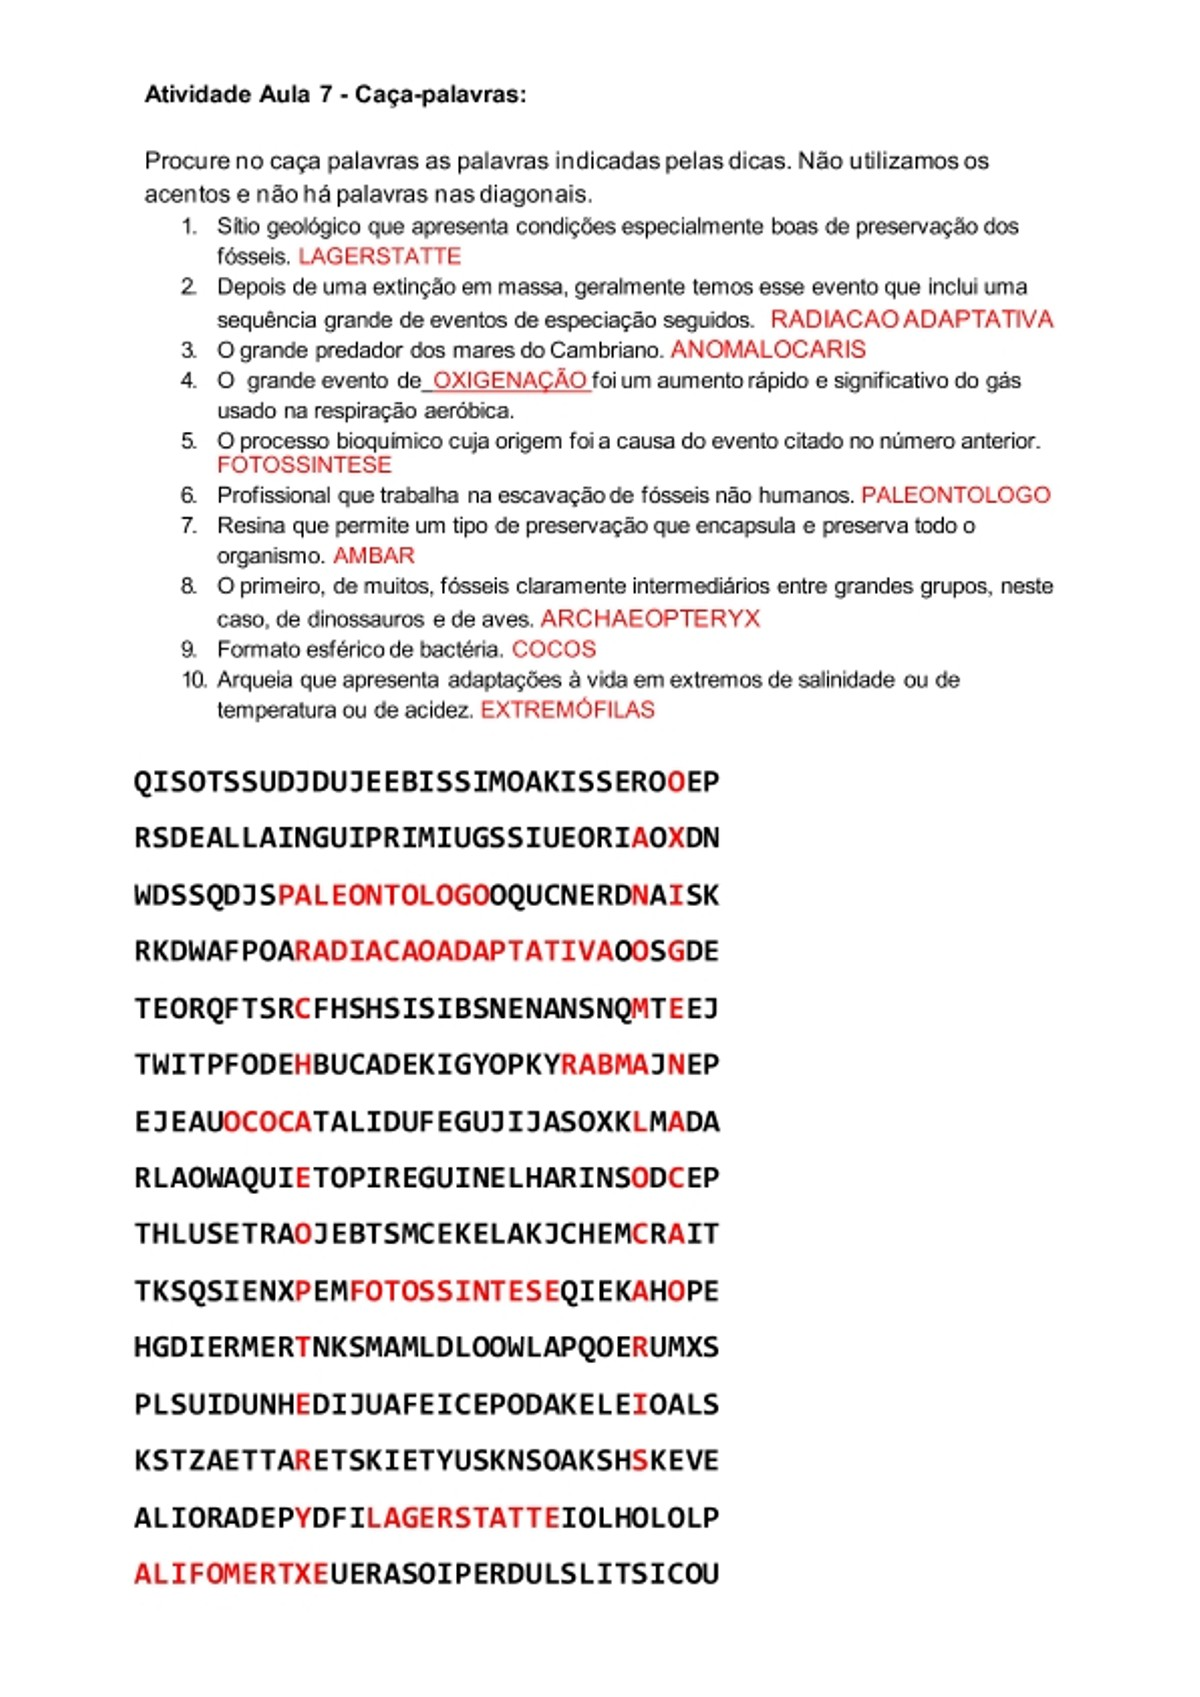 Pre-visualização do material Atividade Aula 7 DSV - página 1